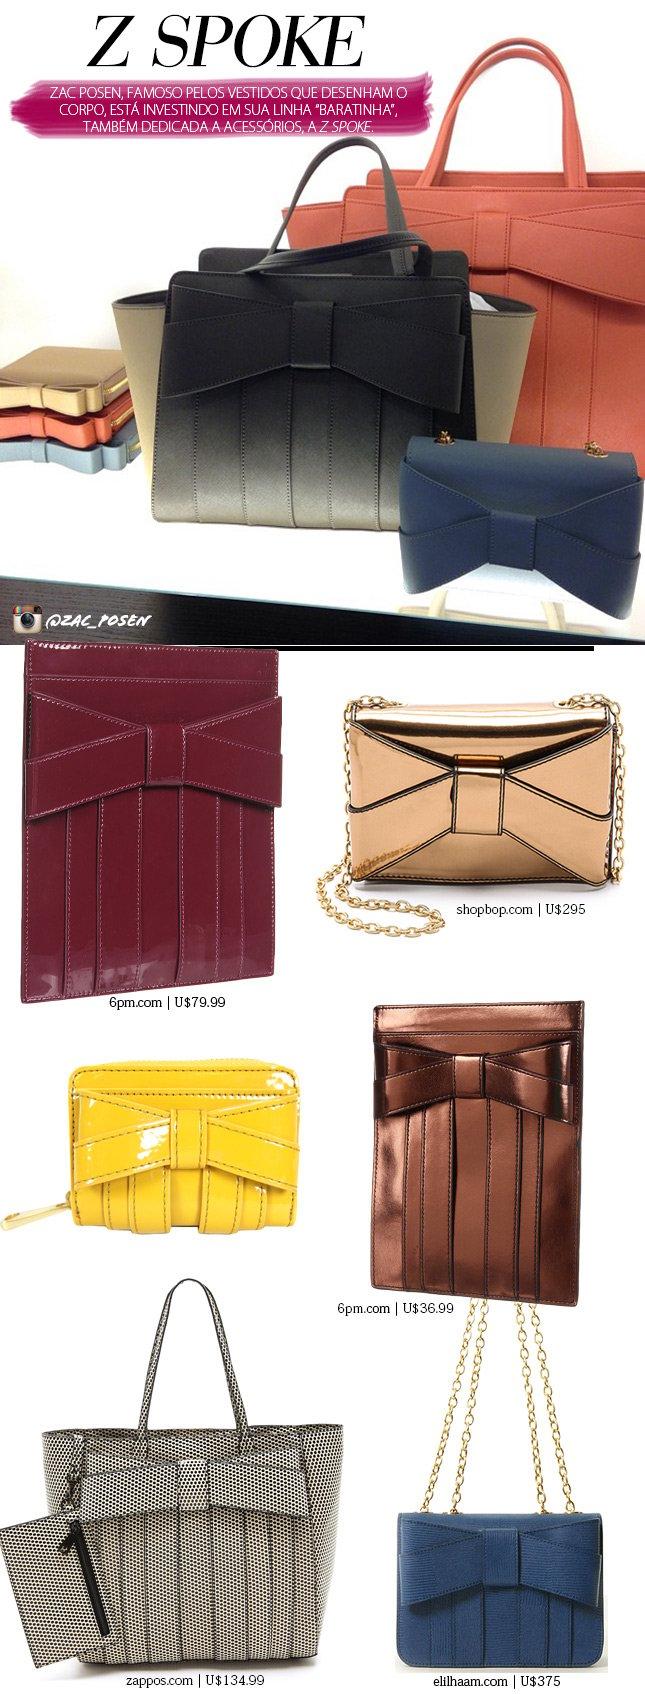 z spoke accessories sac posen blog de moda oh my closet bolsas sac posen laço tendencia marca barata zac posen